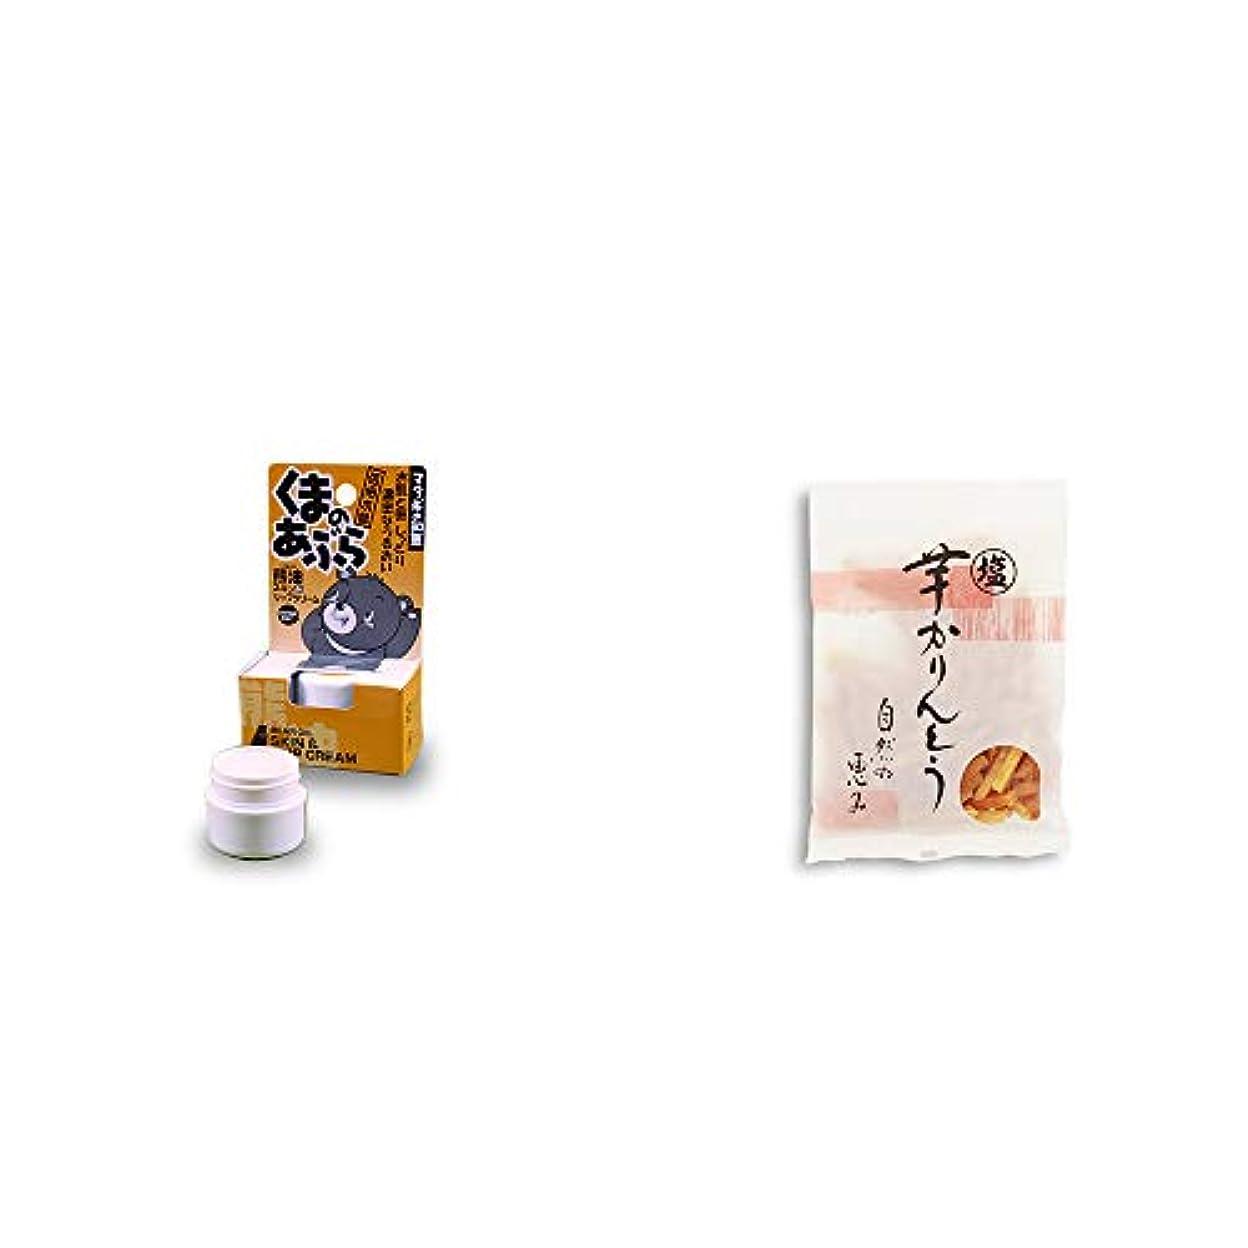 アクチュエータマルクス主義者壮大な[2点セット] 信州木曽 くまのあぶら 熊油スキン&リップクリーム(9g)?塩芋かりんとう(150g)